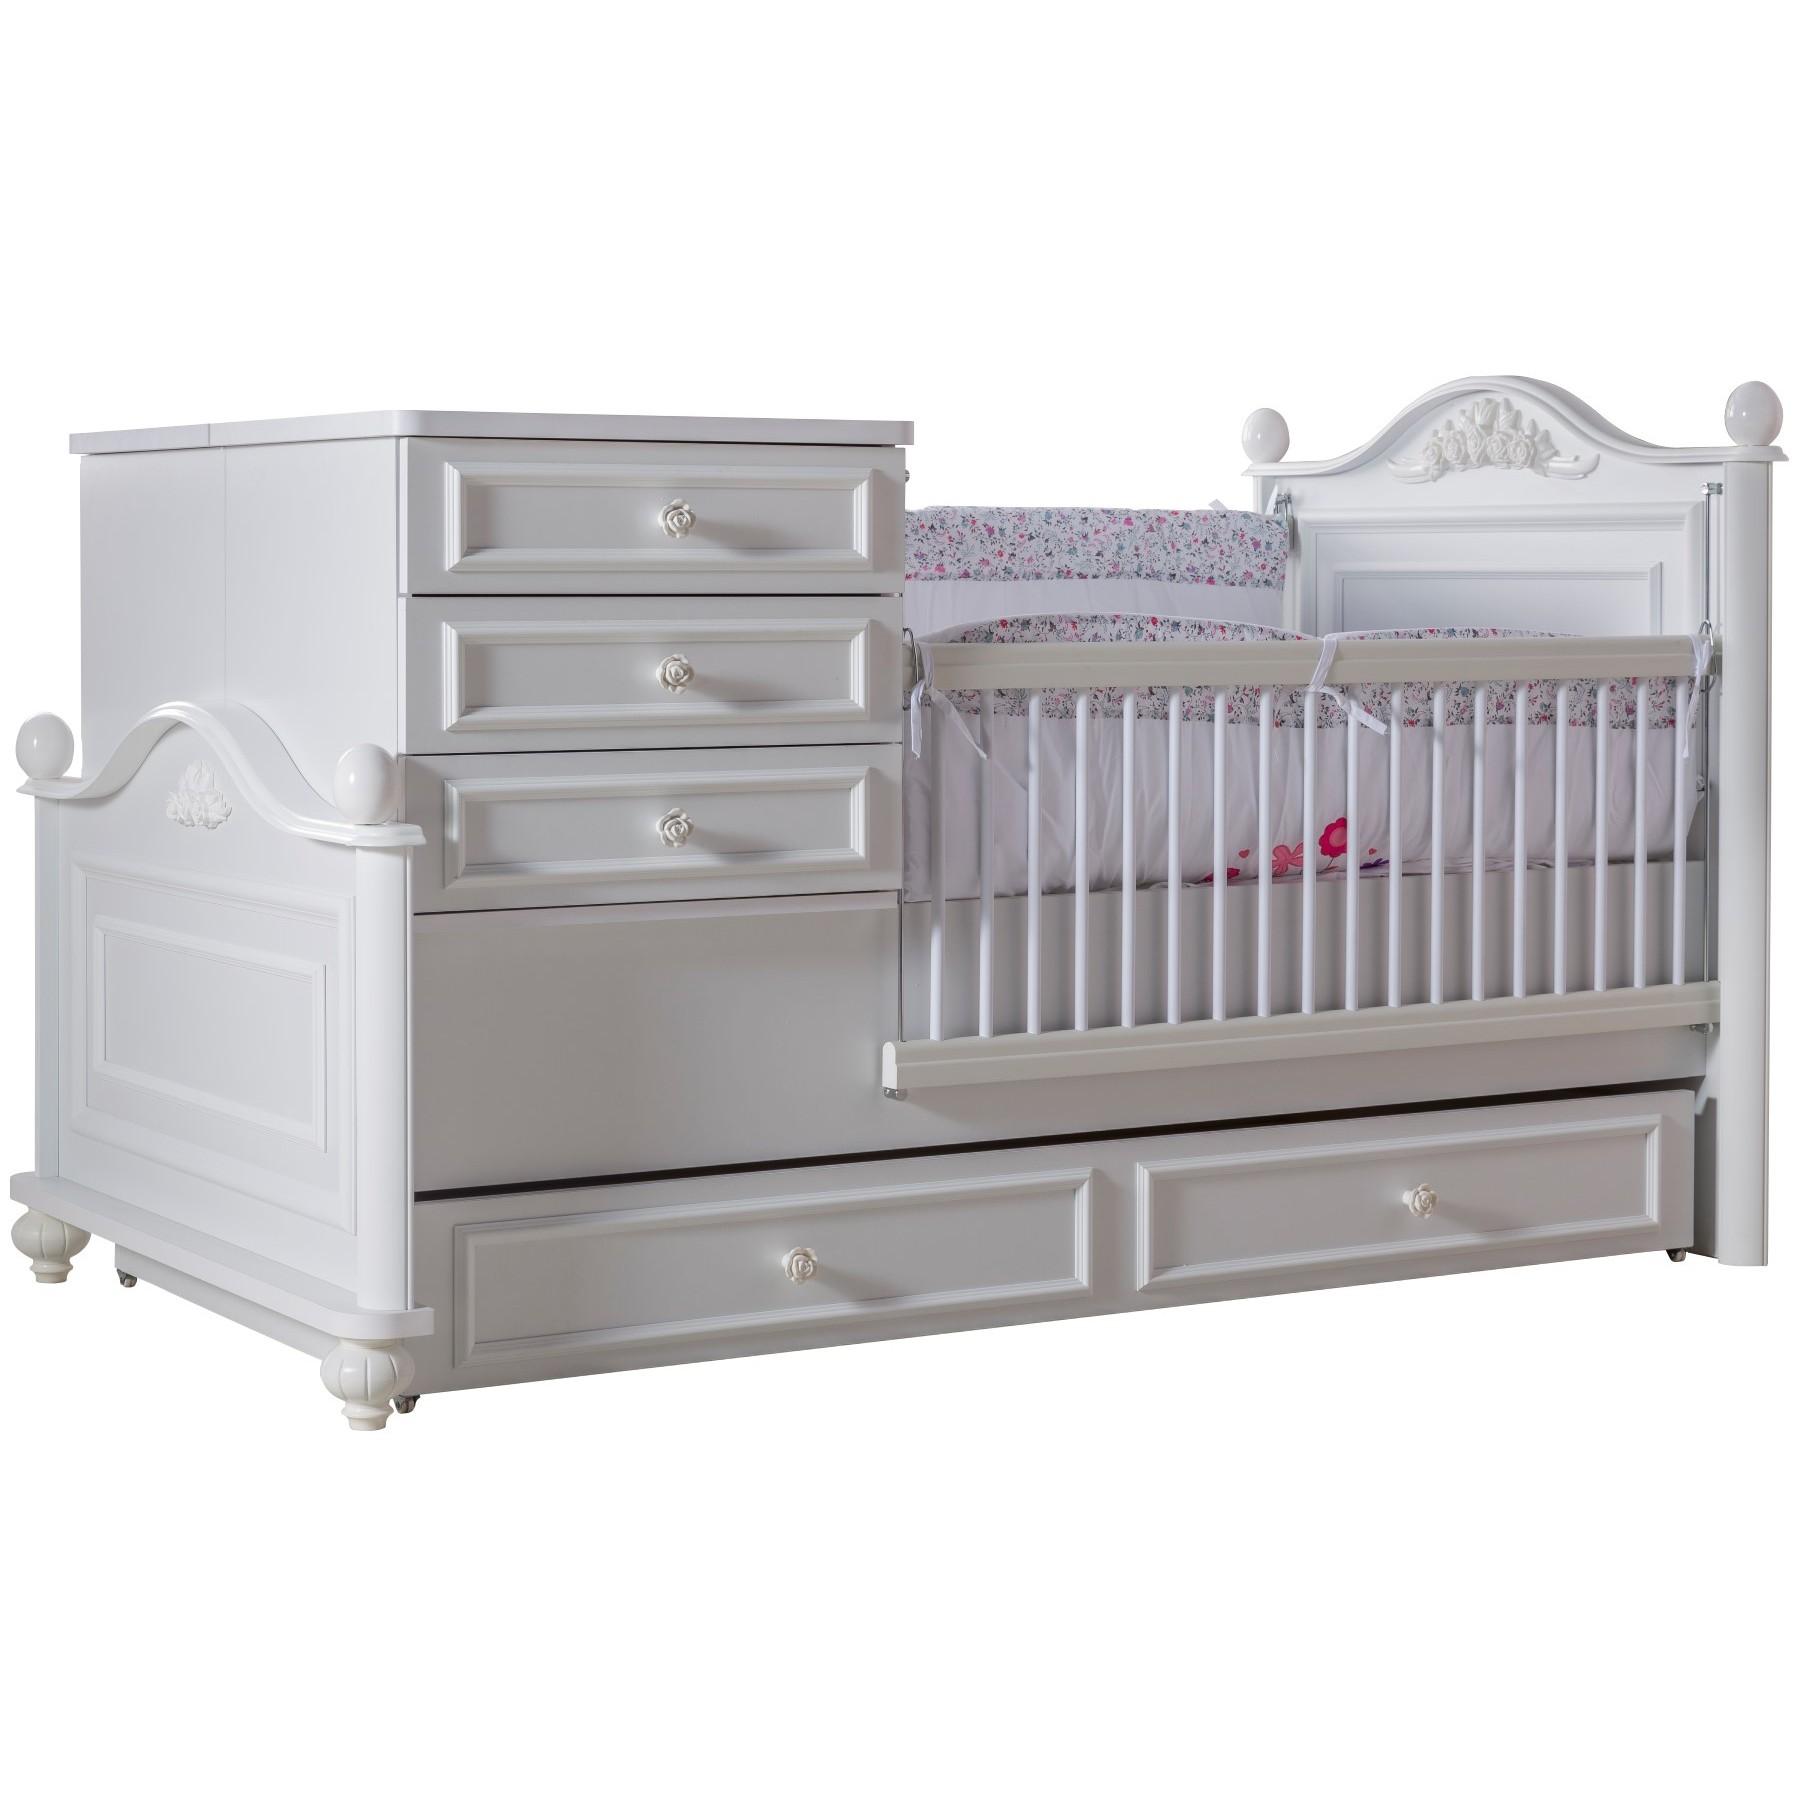 Baby En Peuterbed.Bella Babybed Ledikant Meegroeibed Babykamer Kinderkamer Kinderbed